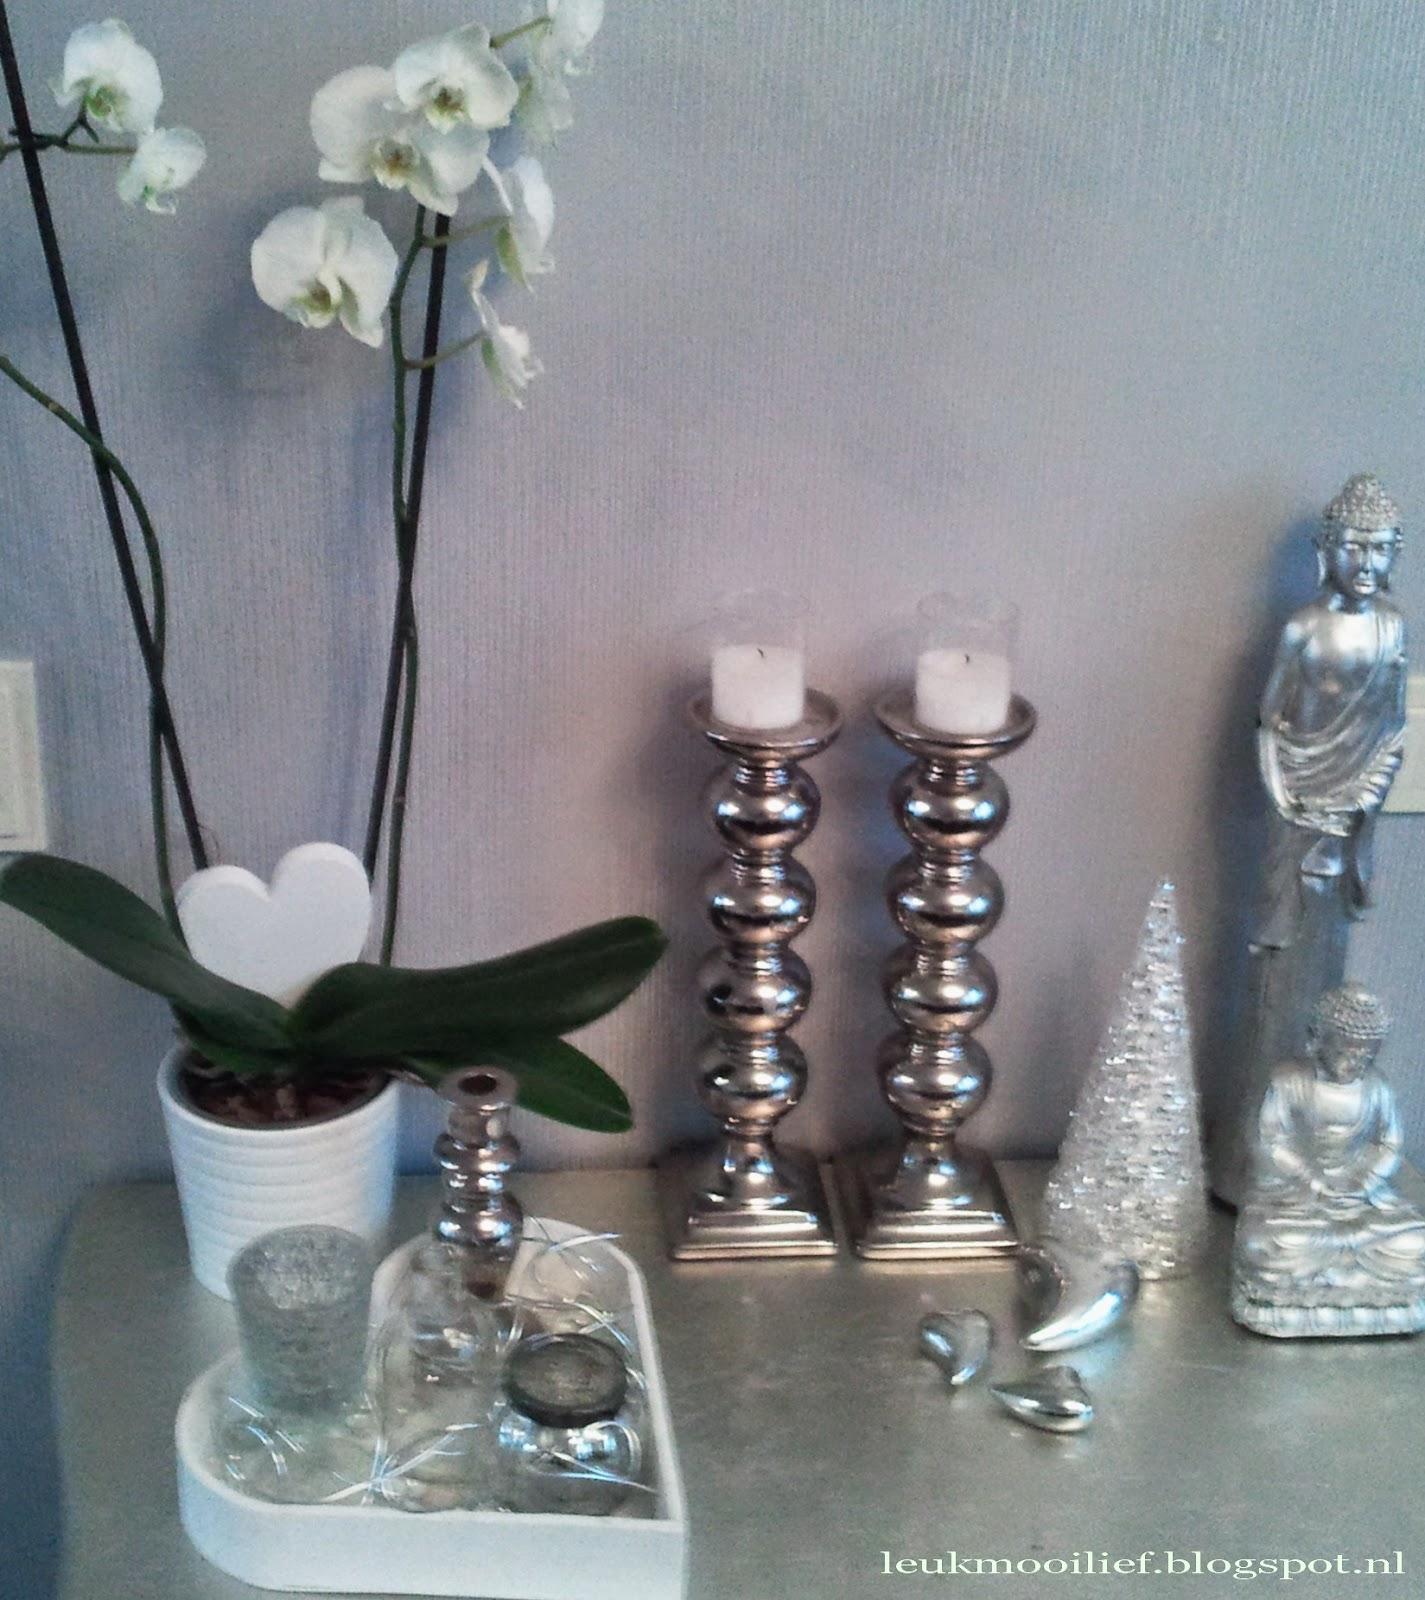 Leuk mooi lief nieuwe oude decoratie for Decoratie spullen